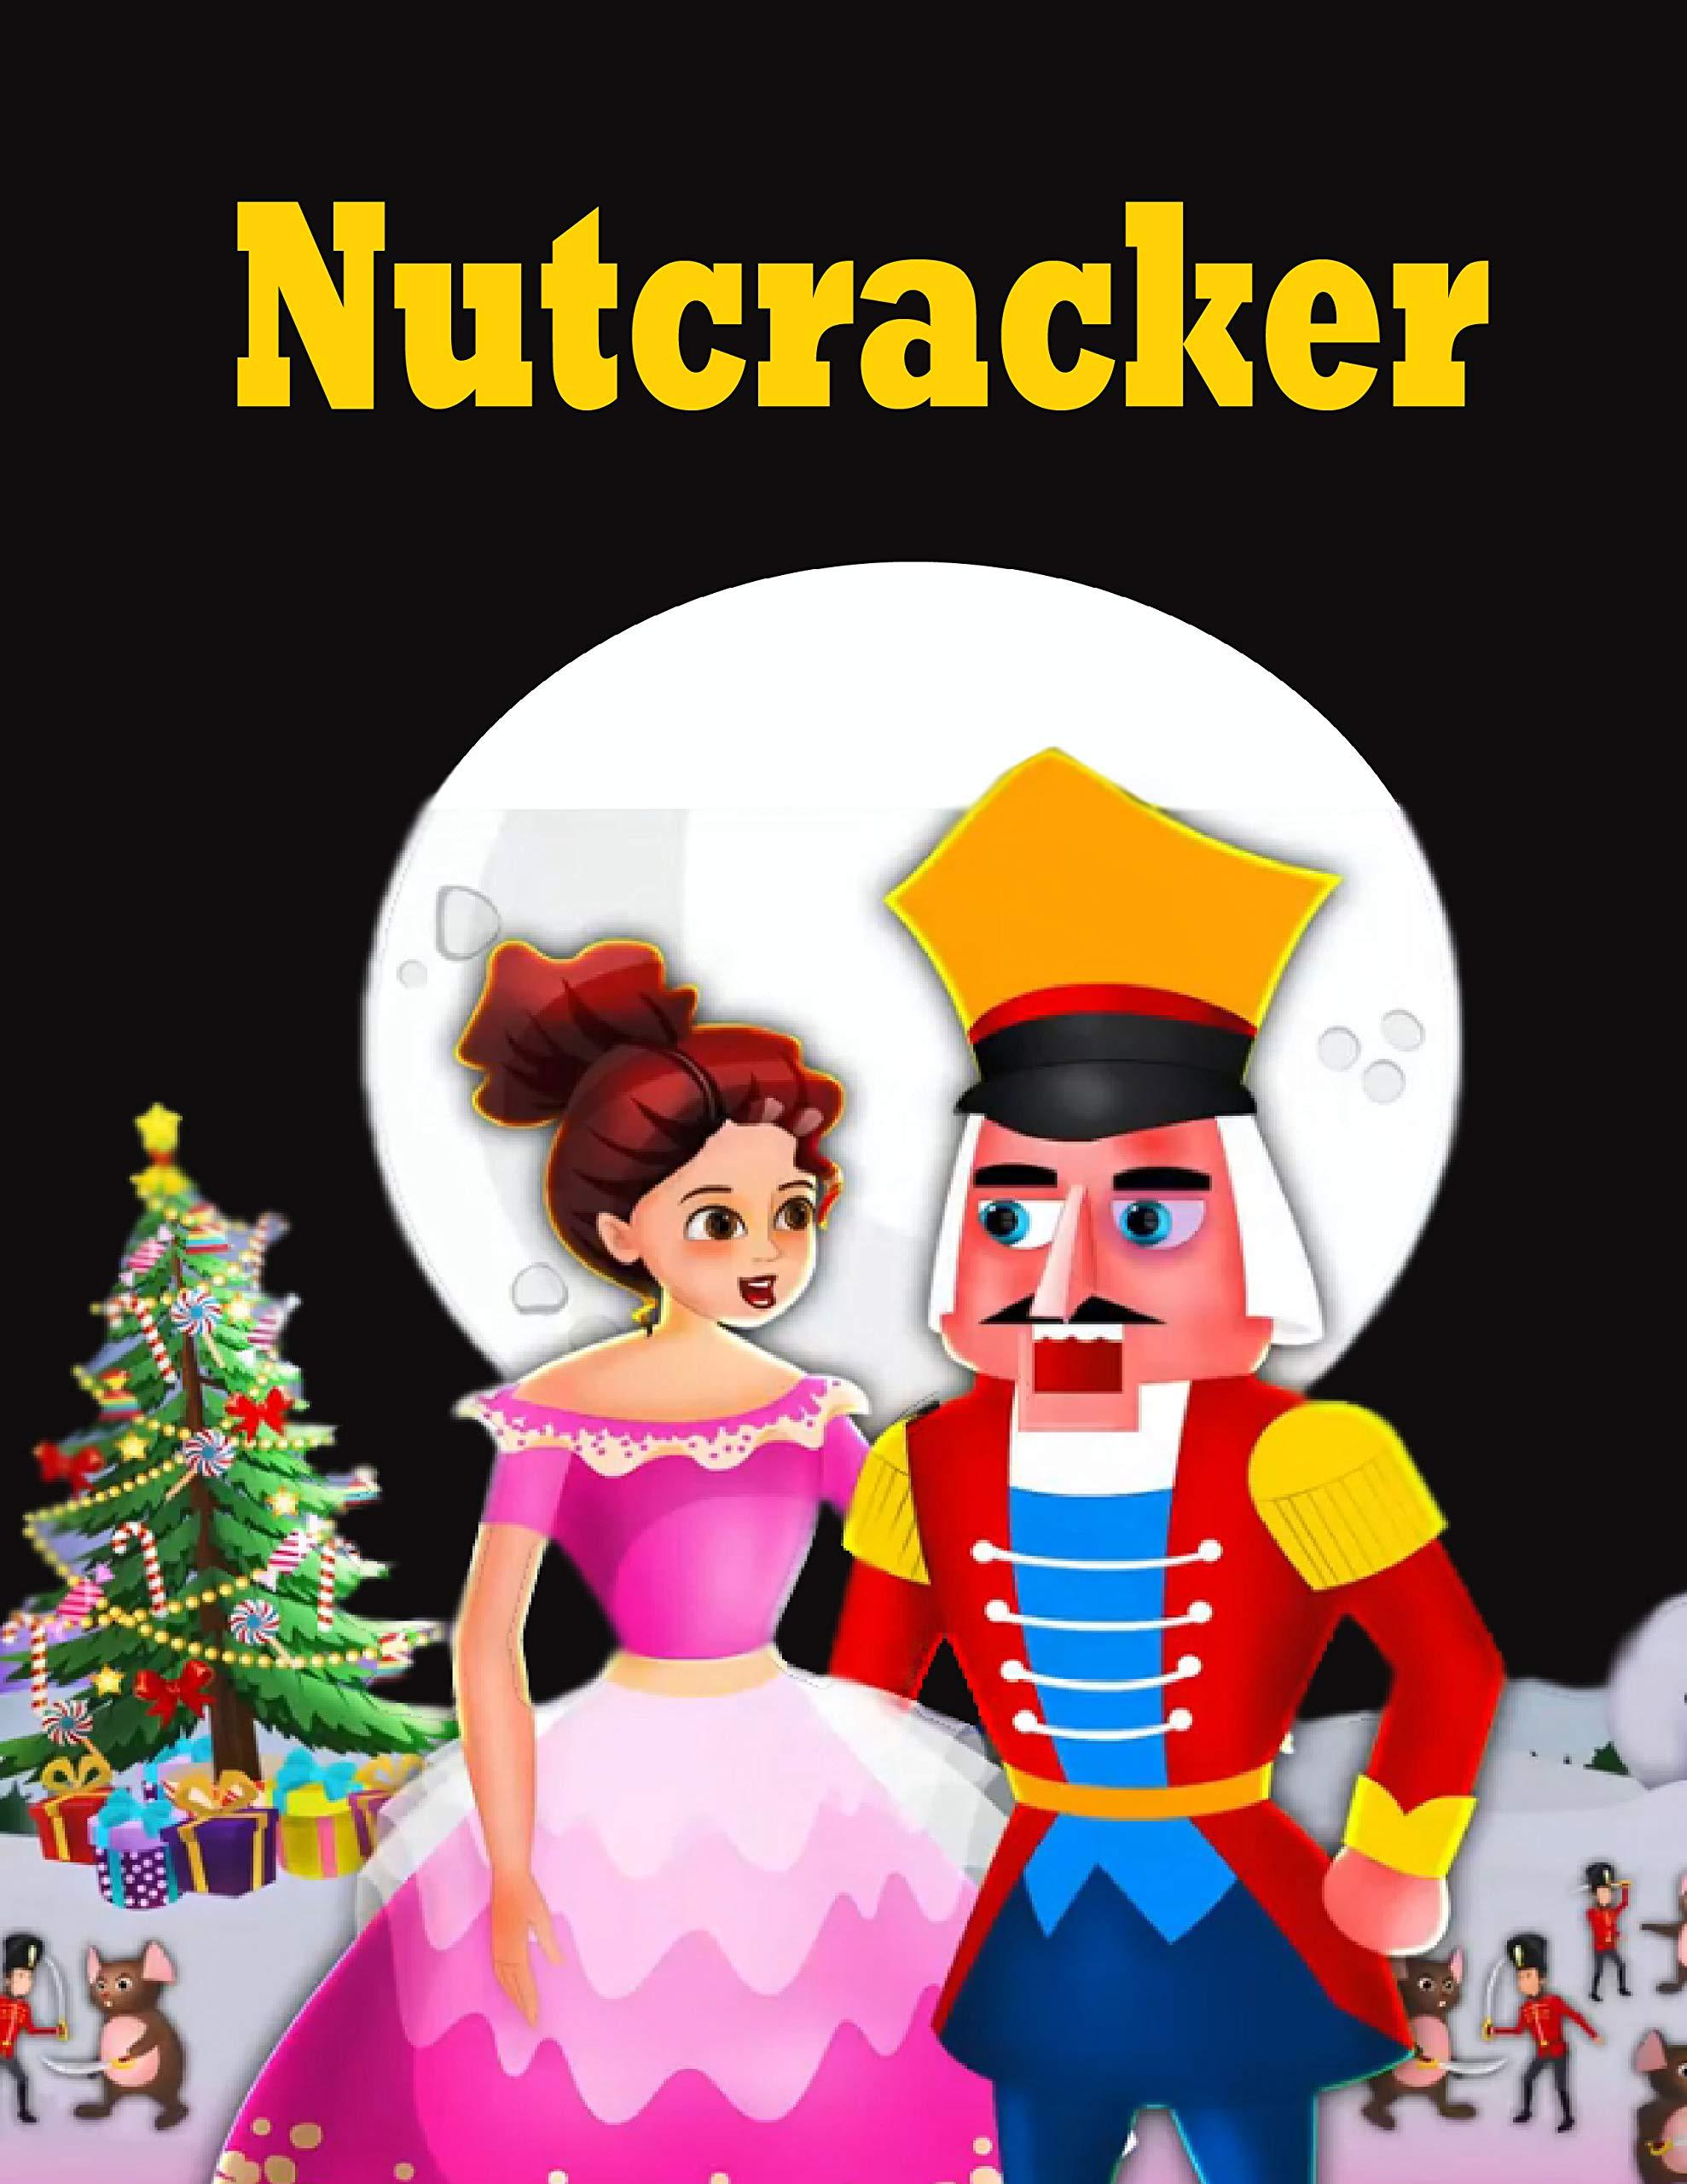 Nutcracker: Bedtime Stories for Kids